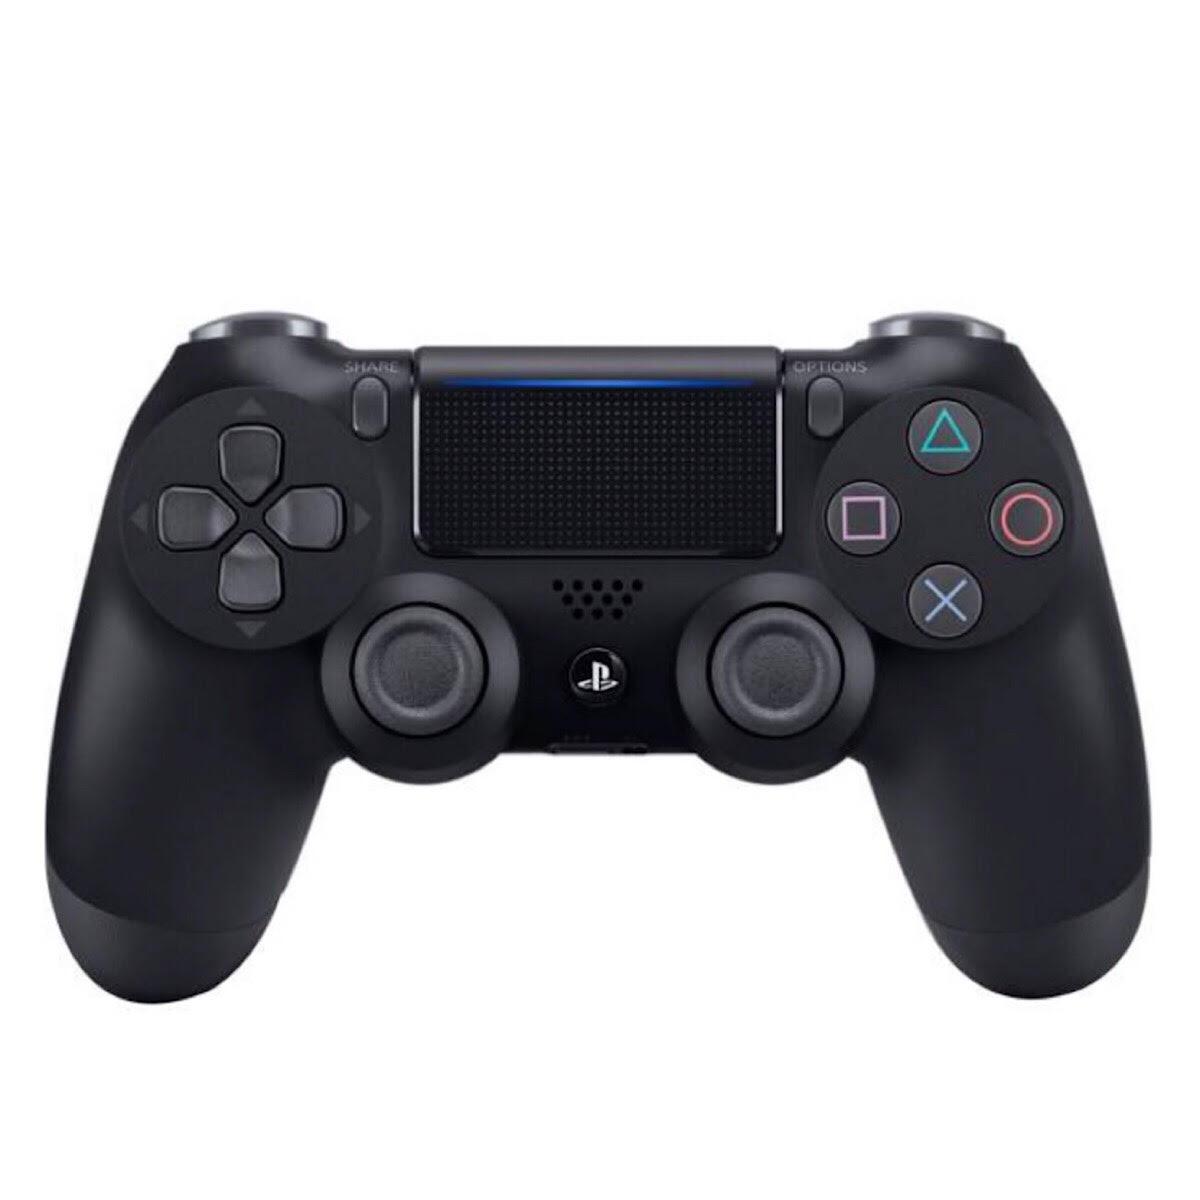 دسته بازی پلی استیشن ۴ مدل ۲۰۱۸ DualShock4